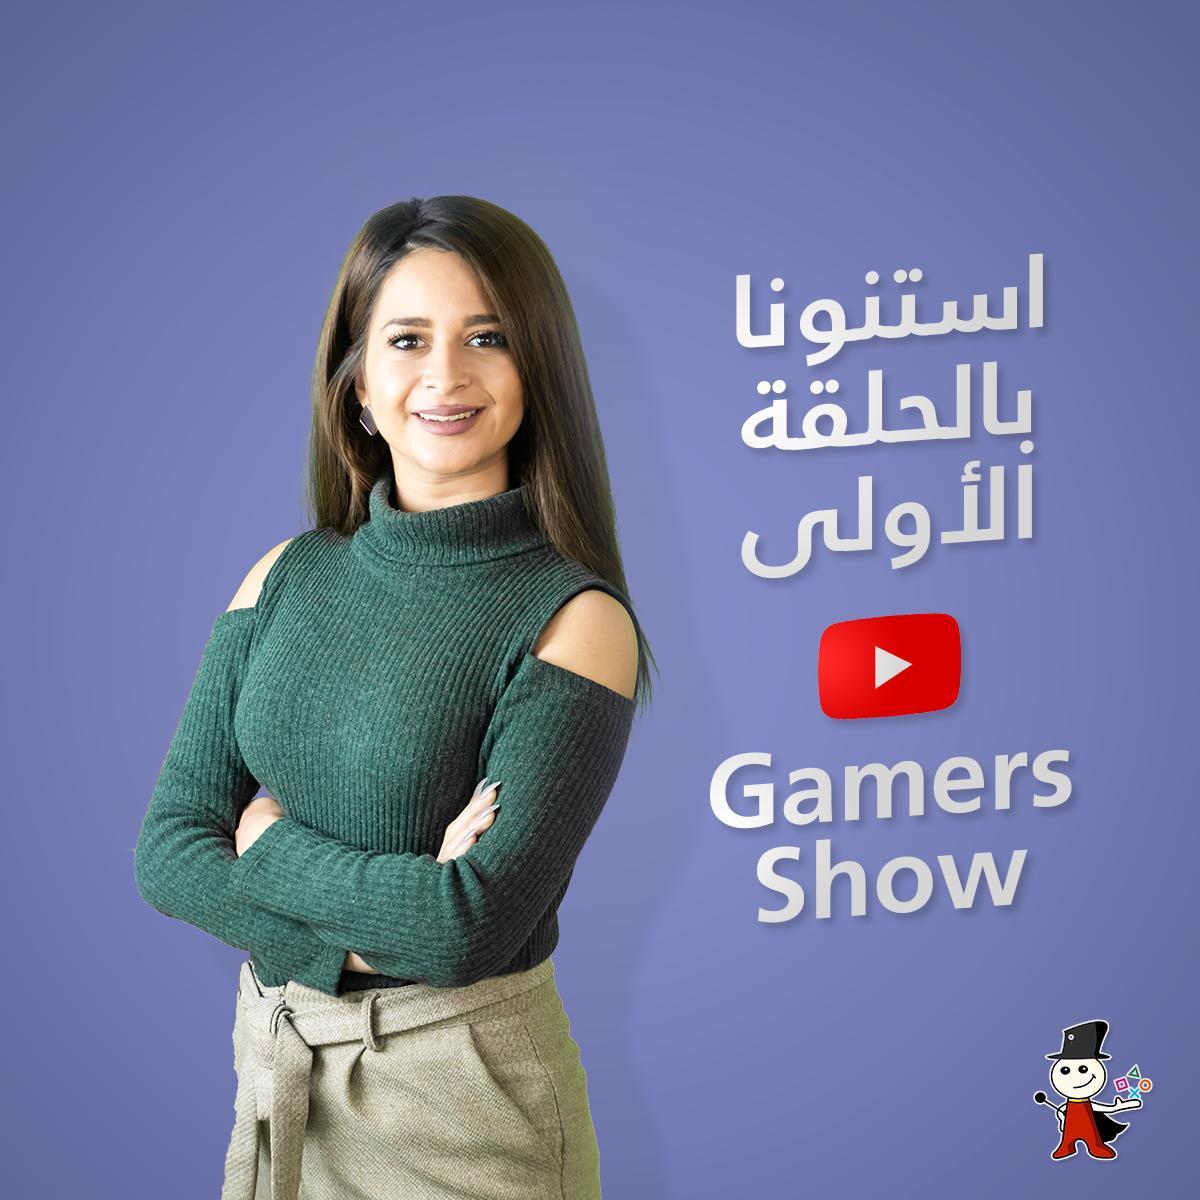 😍 الحلقة الأولى من غيمرز شو على الأبواب 😍 #Gamers_Show https://t.co/5tFylAKBuo